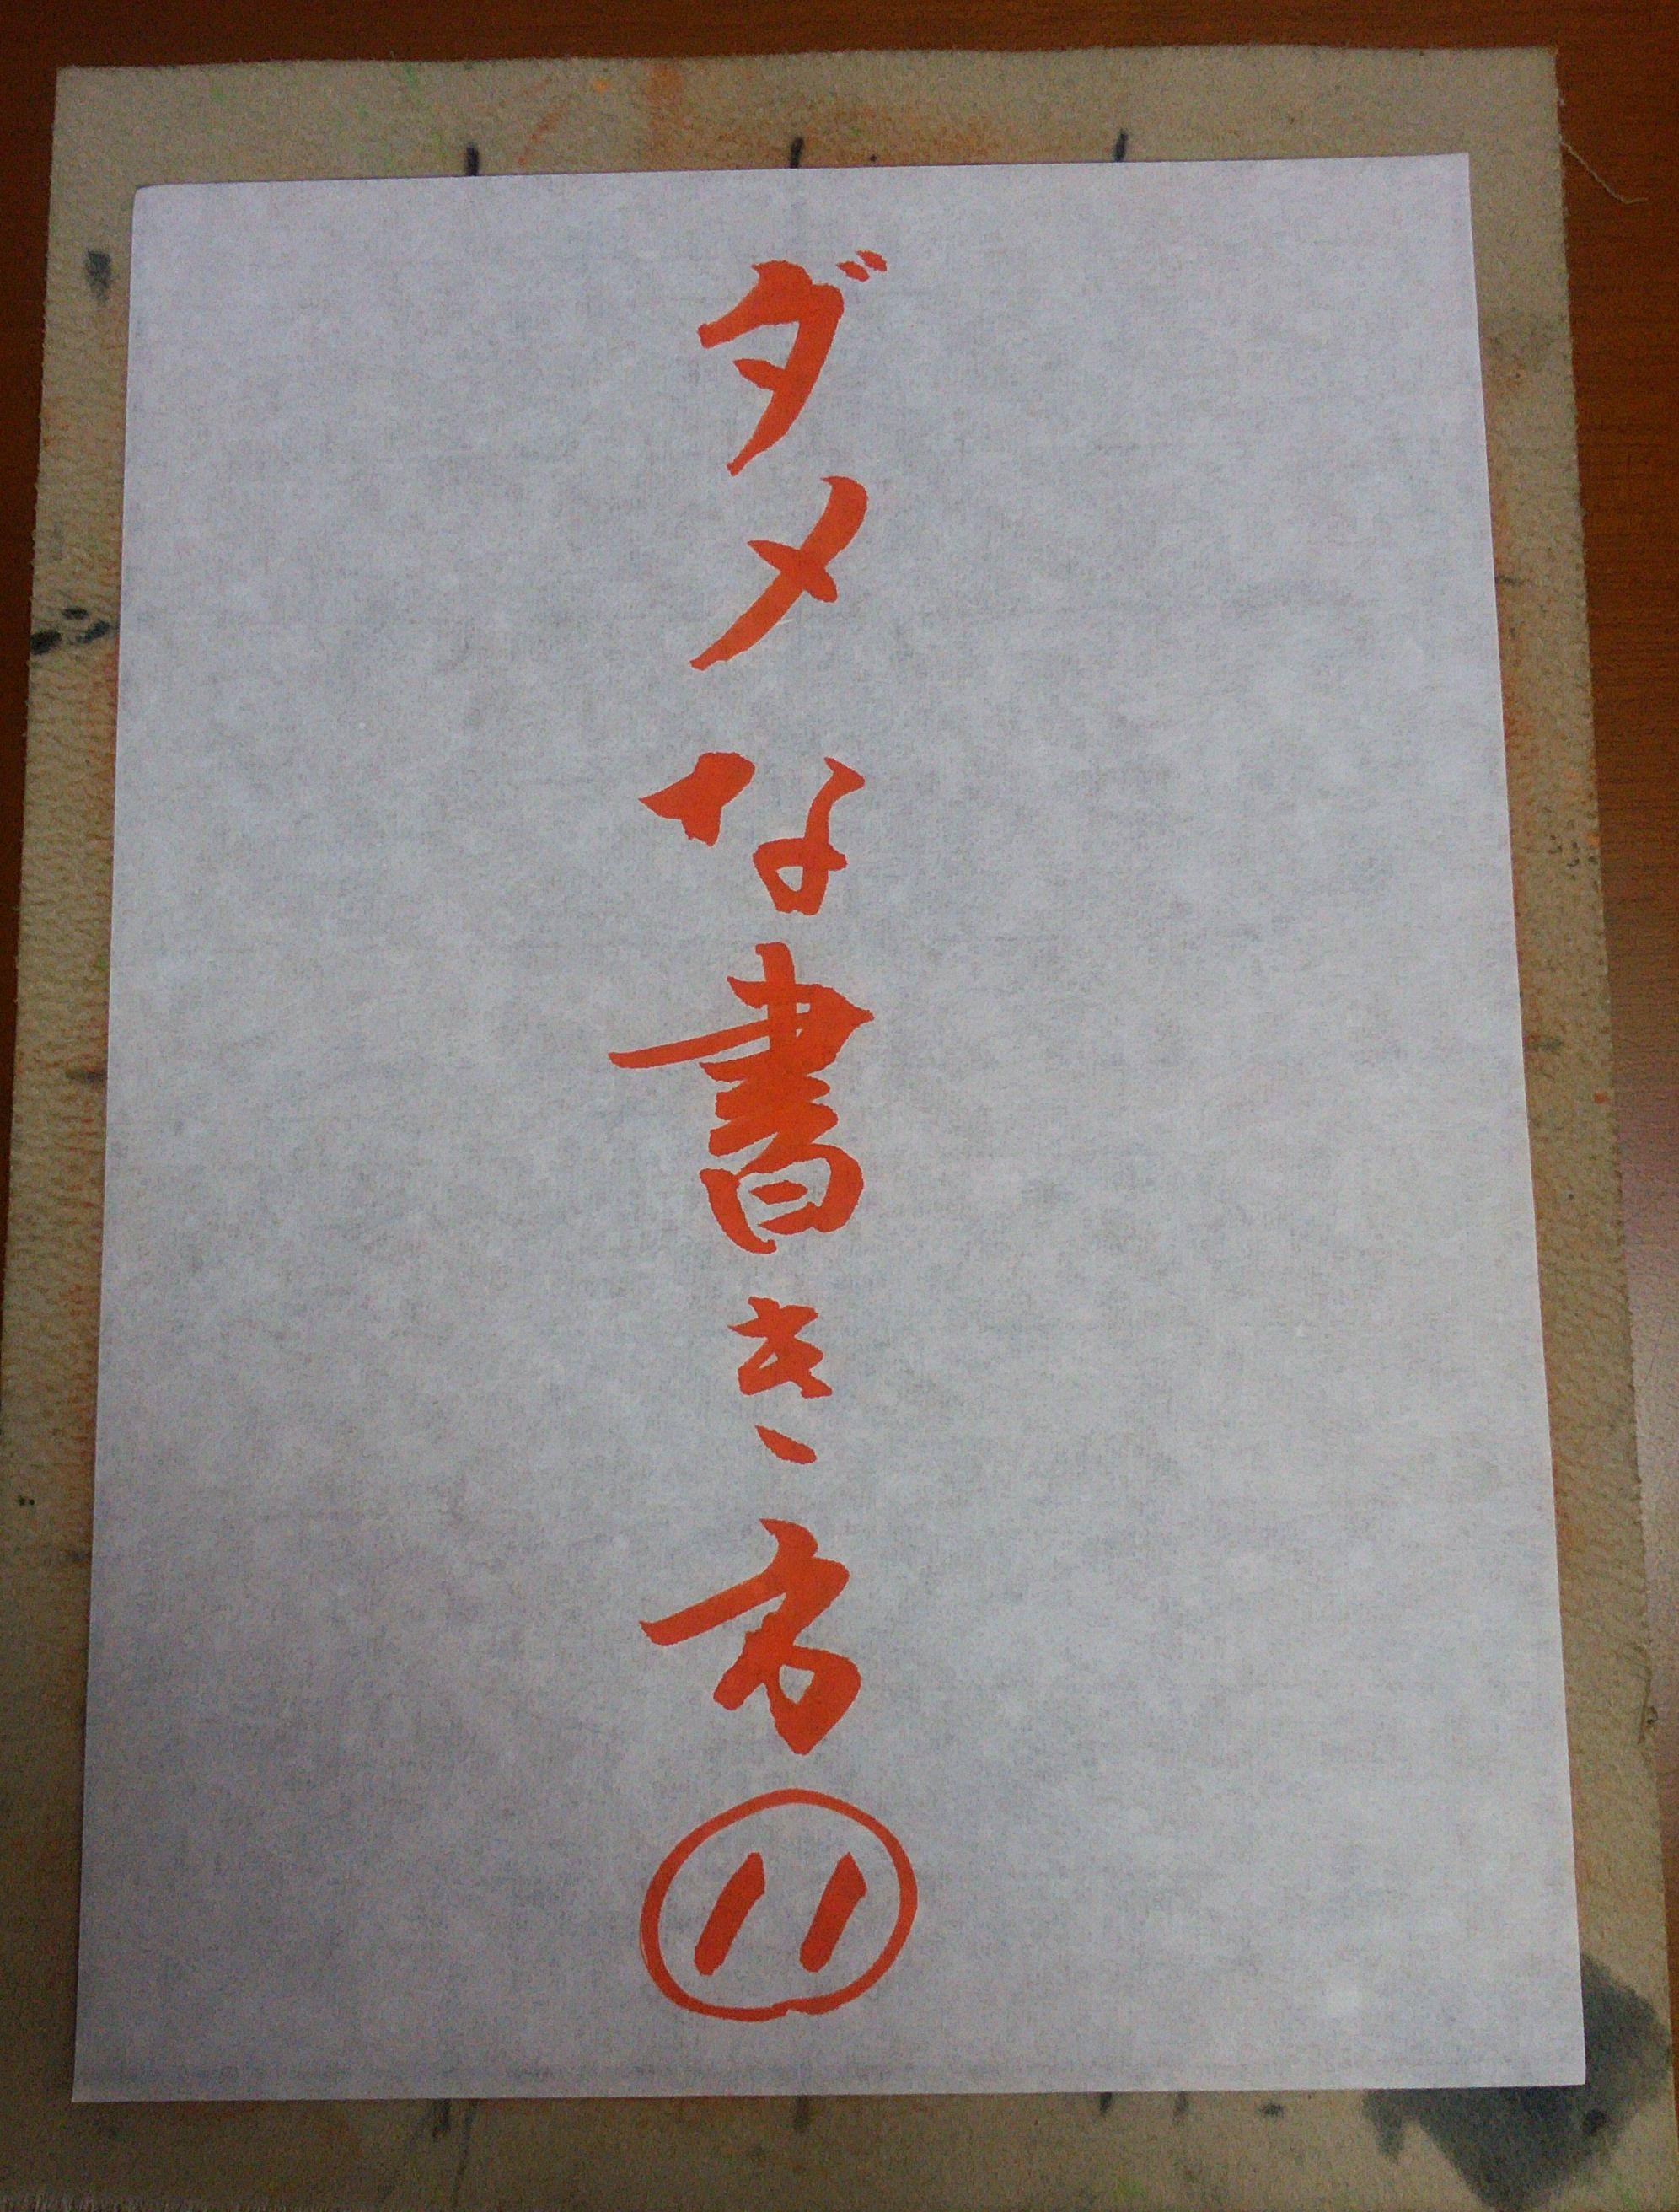 3-6.No.55・No.56 ダメな書き方⑪⑫